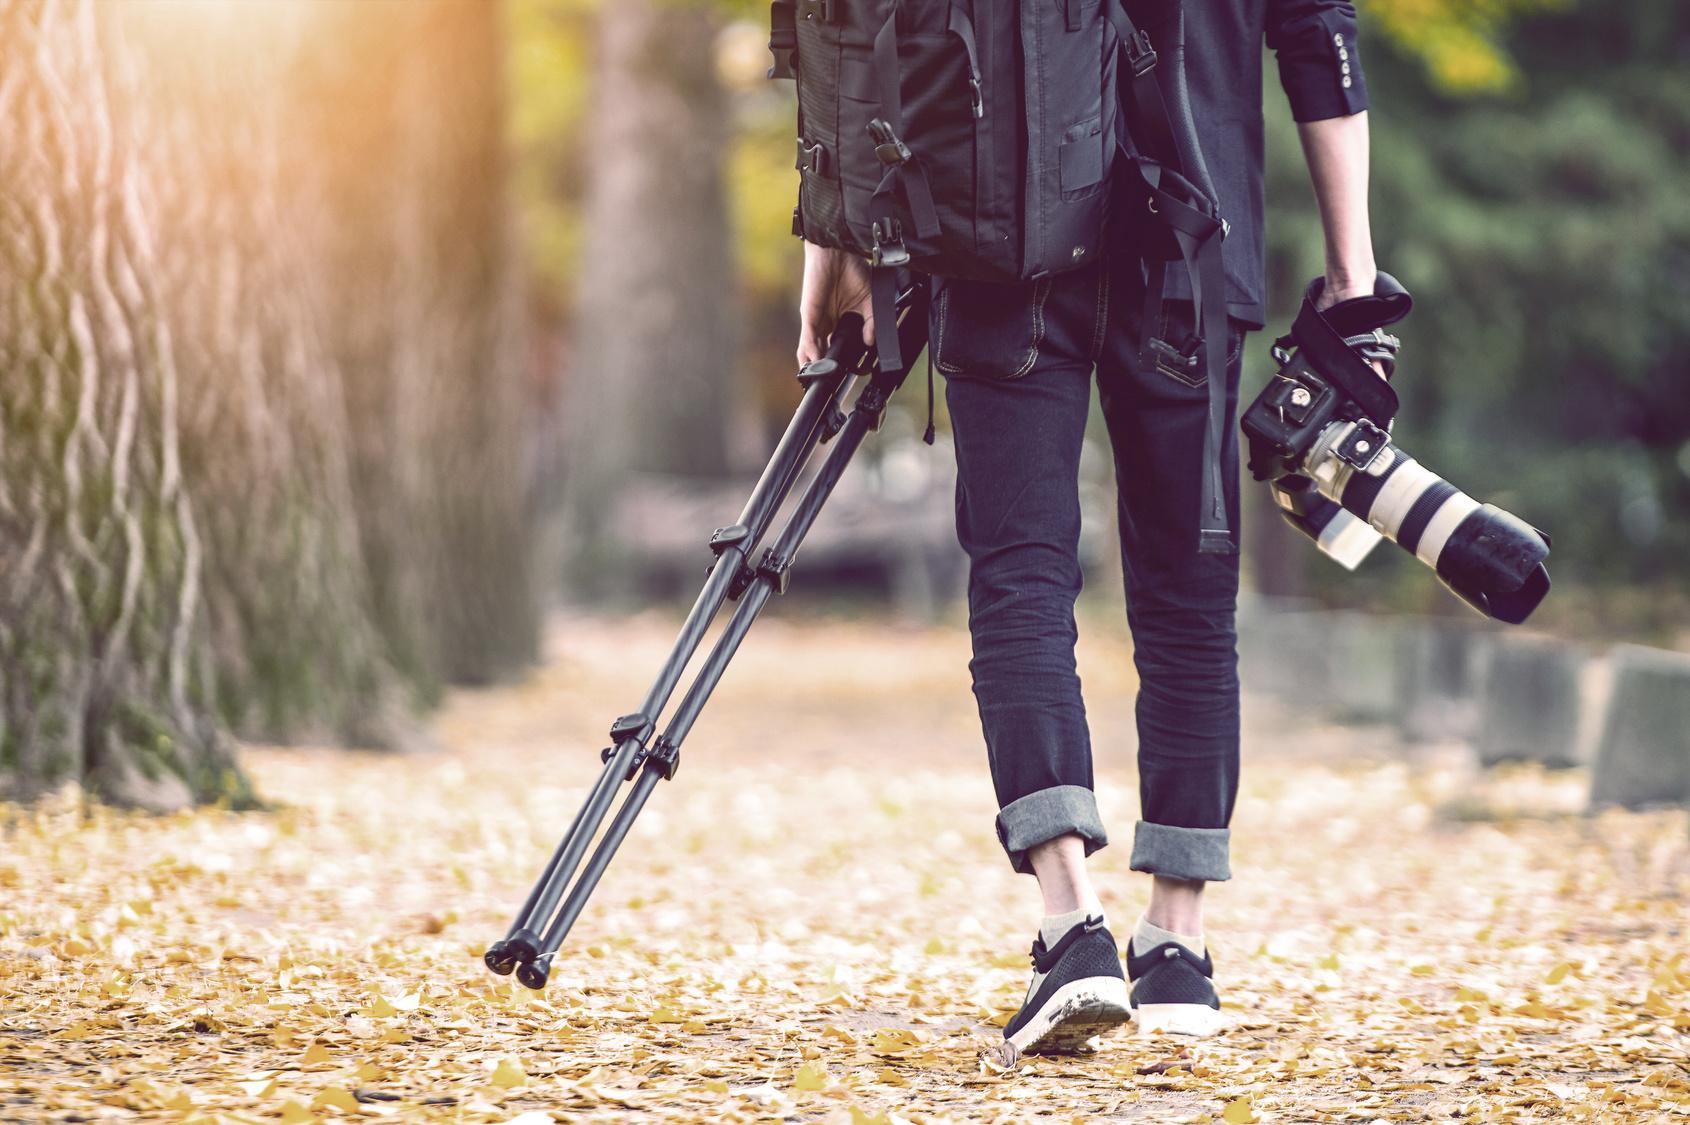 Fotograf mit Kamera und Stativ in den Händen spaziert durch herbstliches Laub.